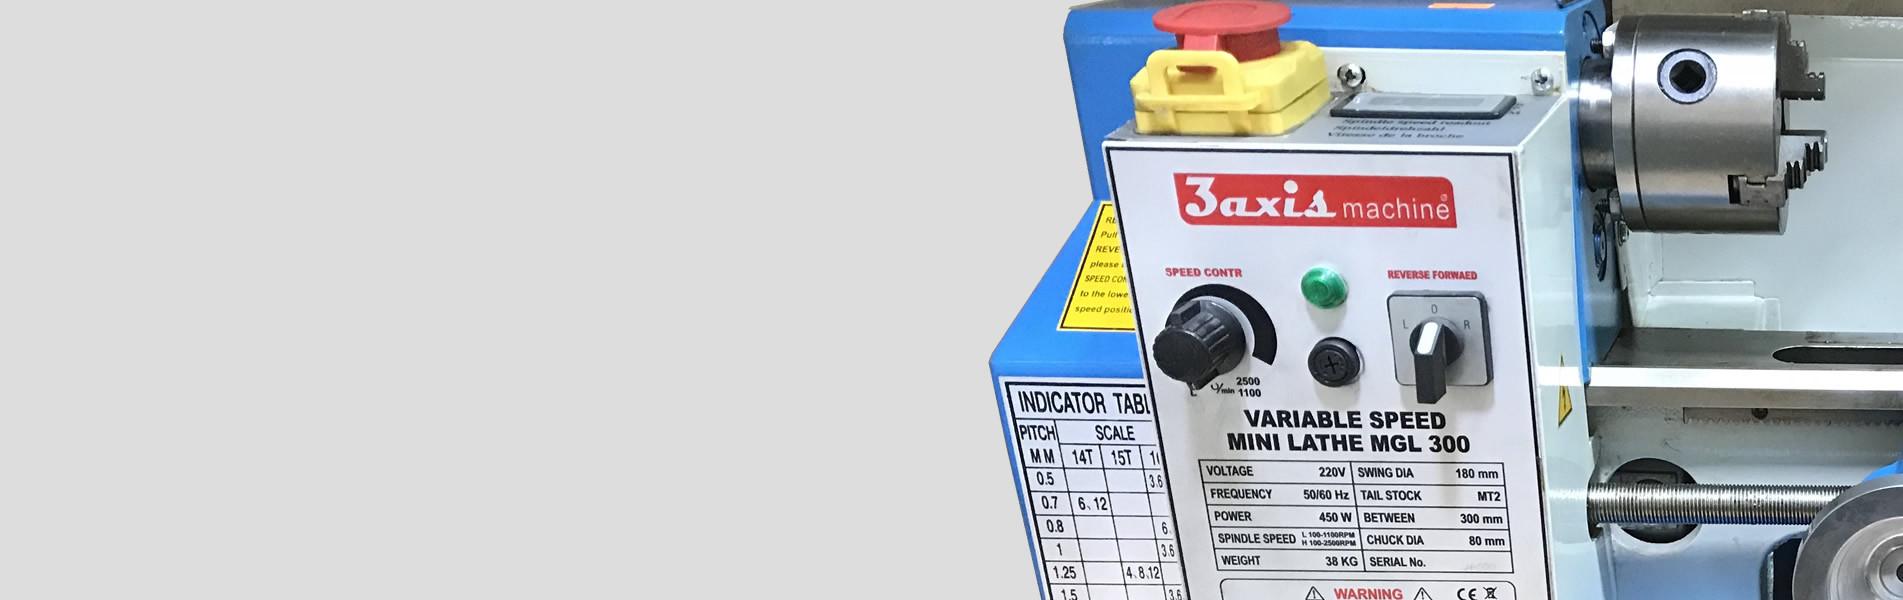 ماشین تراش های گوناگون برای کاربرد های خانگی و مهندسی